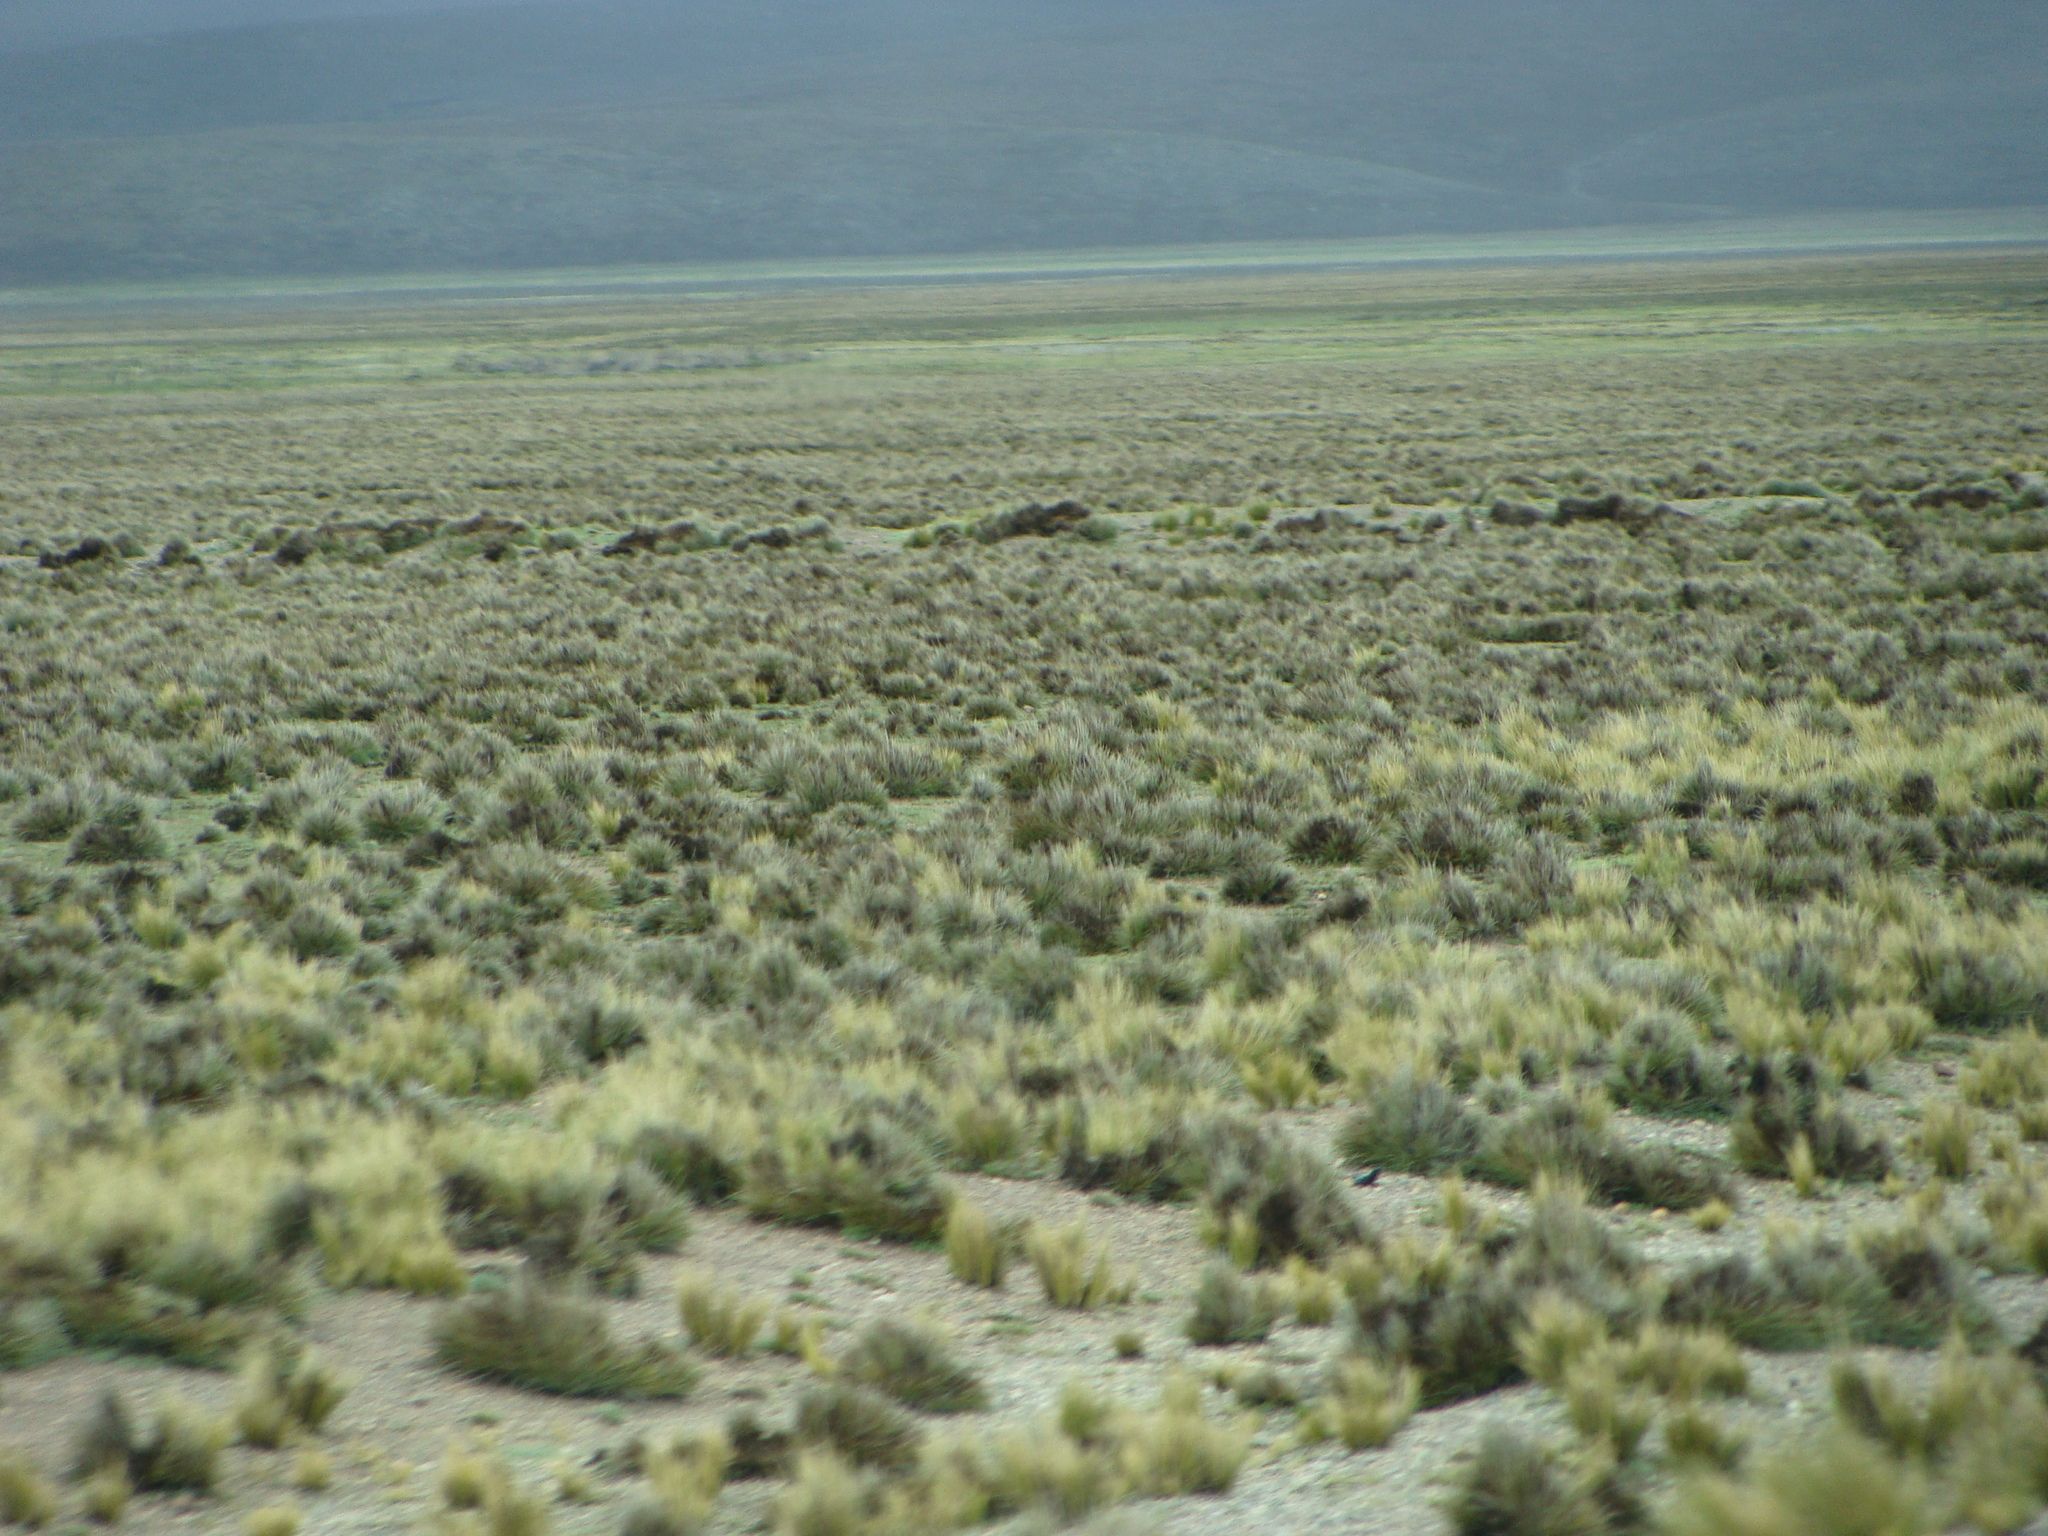 Na cestě do Arequipy - peruanská Pampa dne 19. 2. 2011 12:58